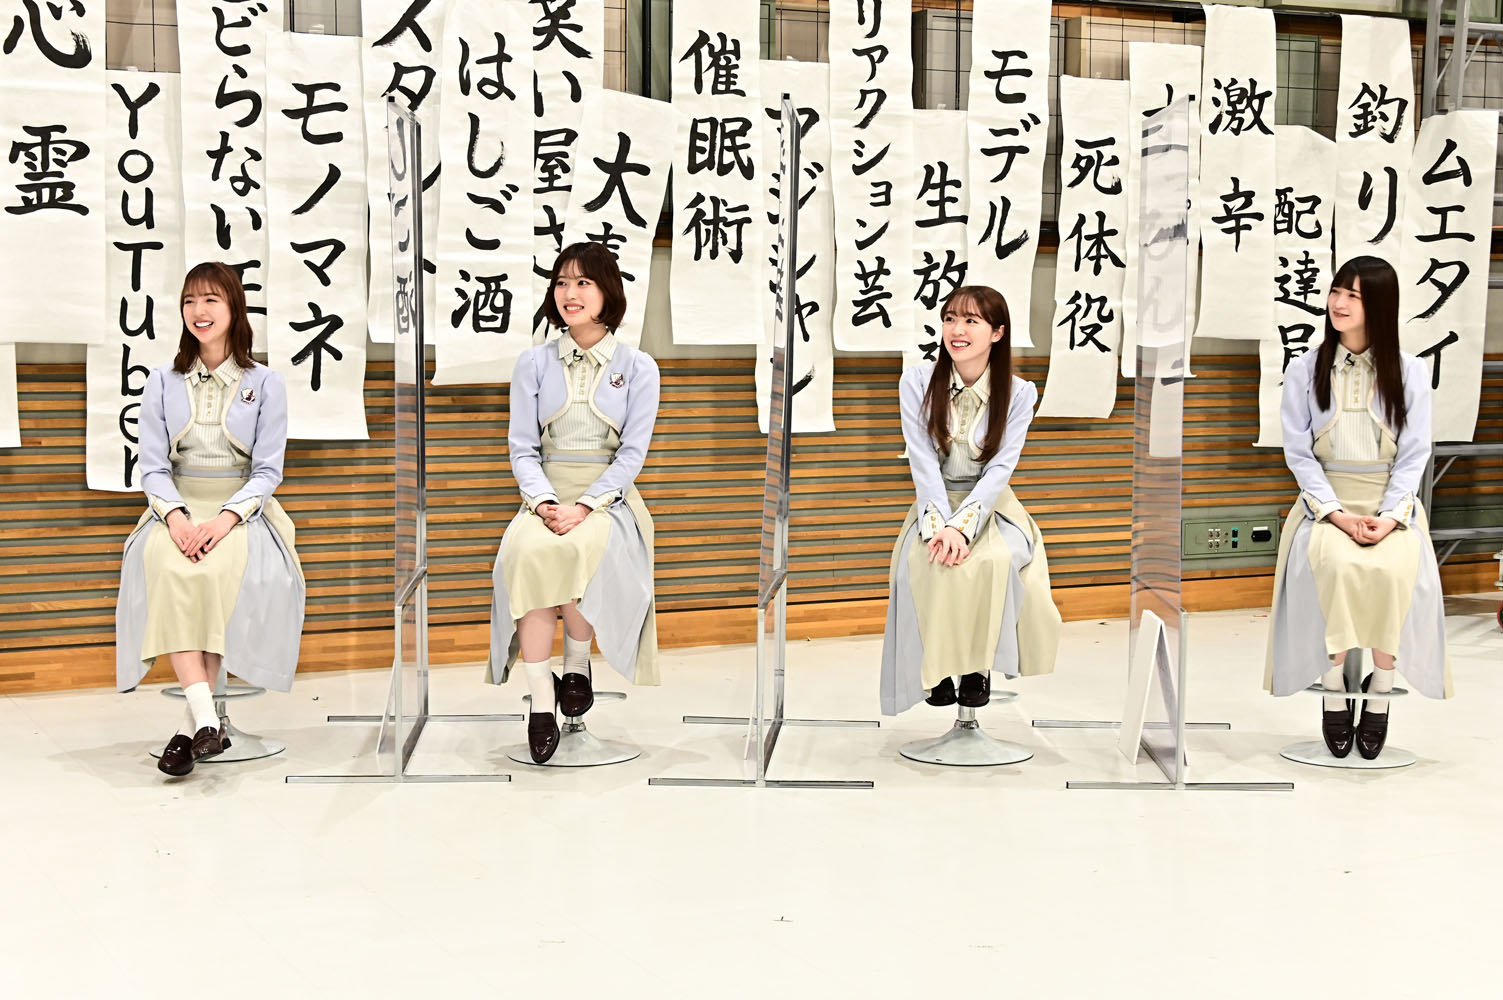 初回収録の乃木坂46メンバー(和田、伊藤、渡辺、吉田)(C)TBS